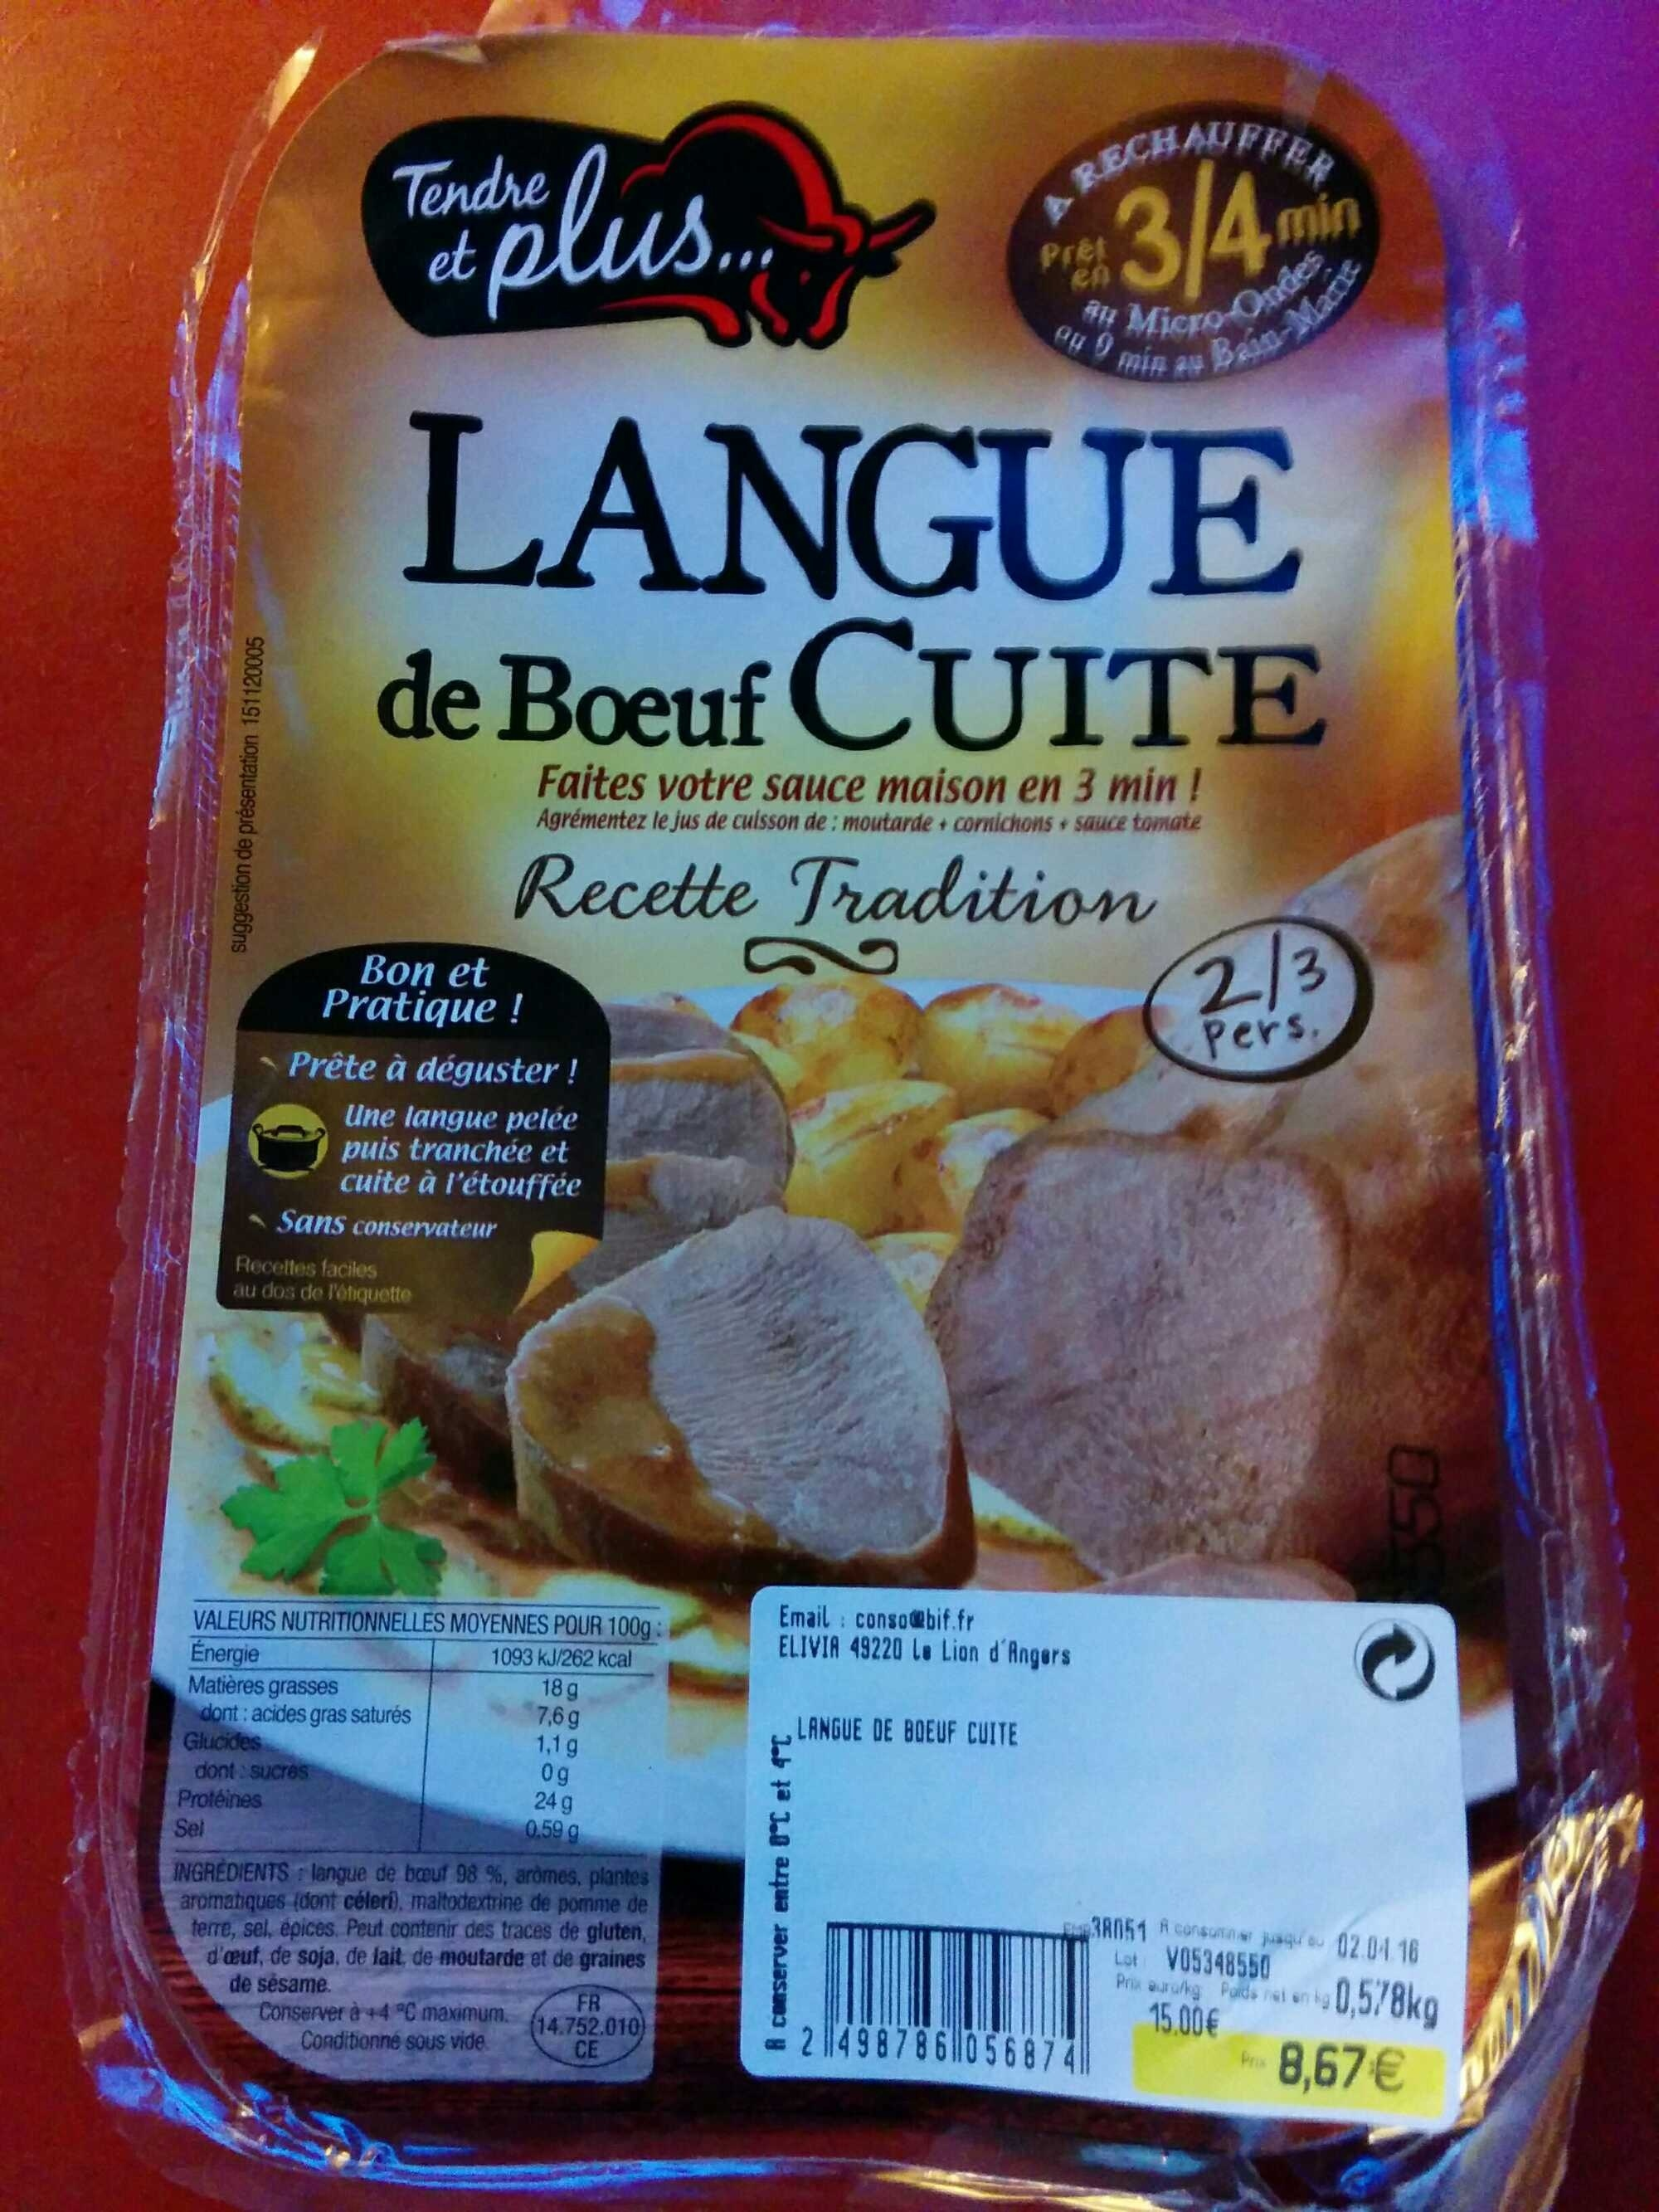 Langue de boeuf cuite - Product